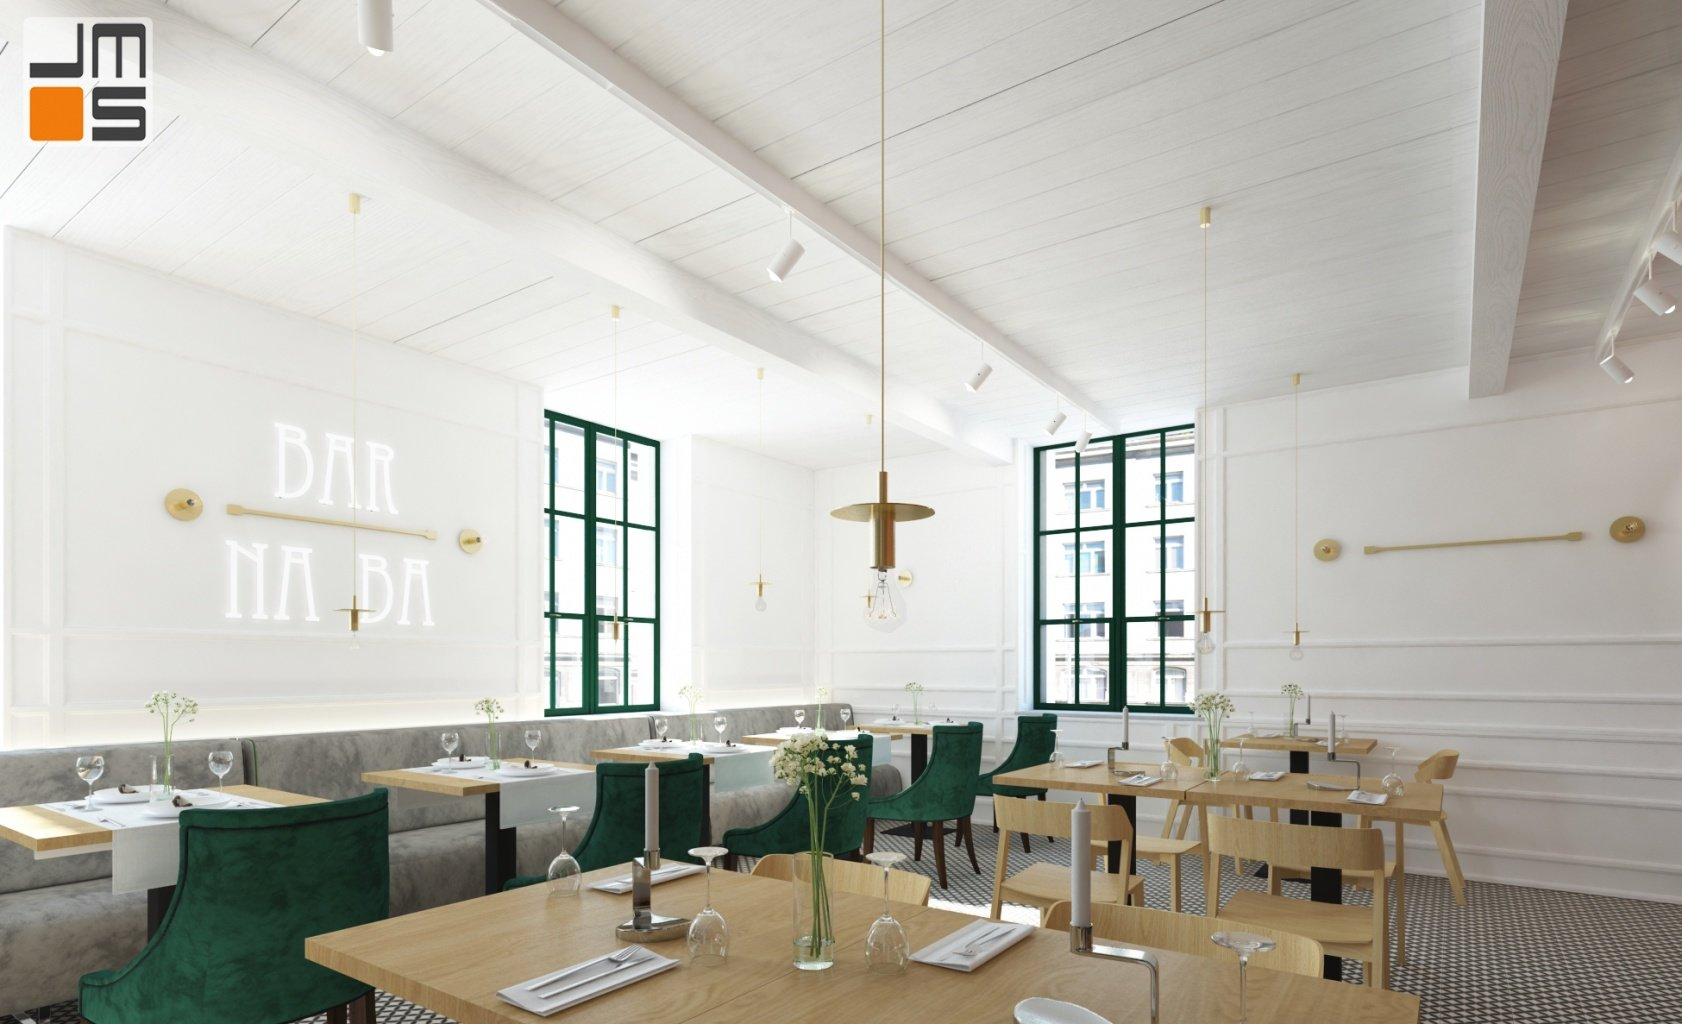 Kolor biały w projekcie wnętrz baru - restauracji w Krakowie pozwolił stworzyć jasne przestronne wnętrze